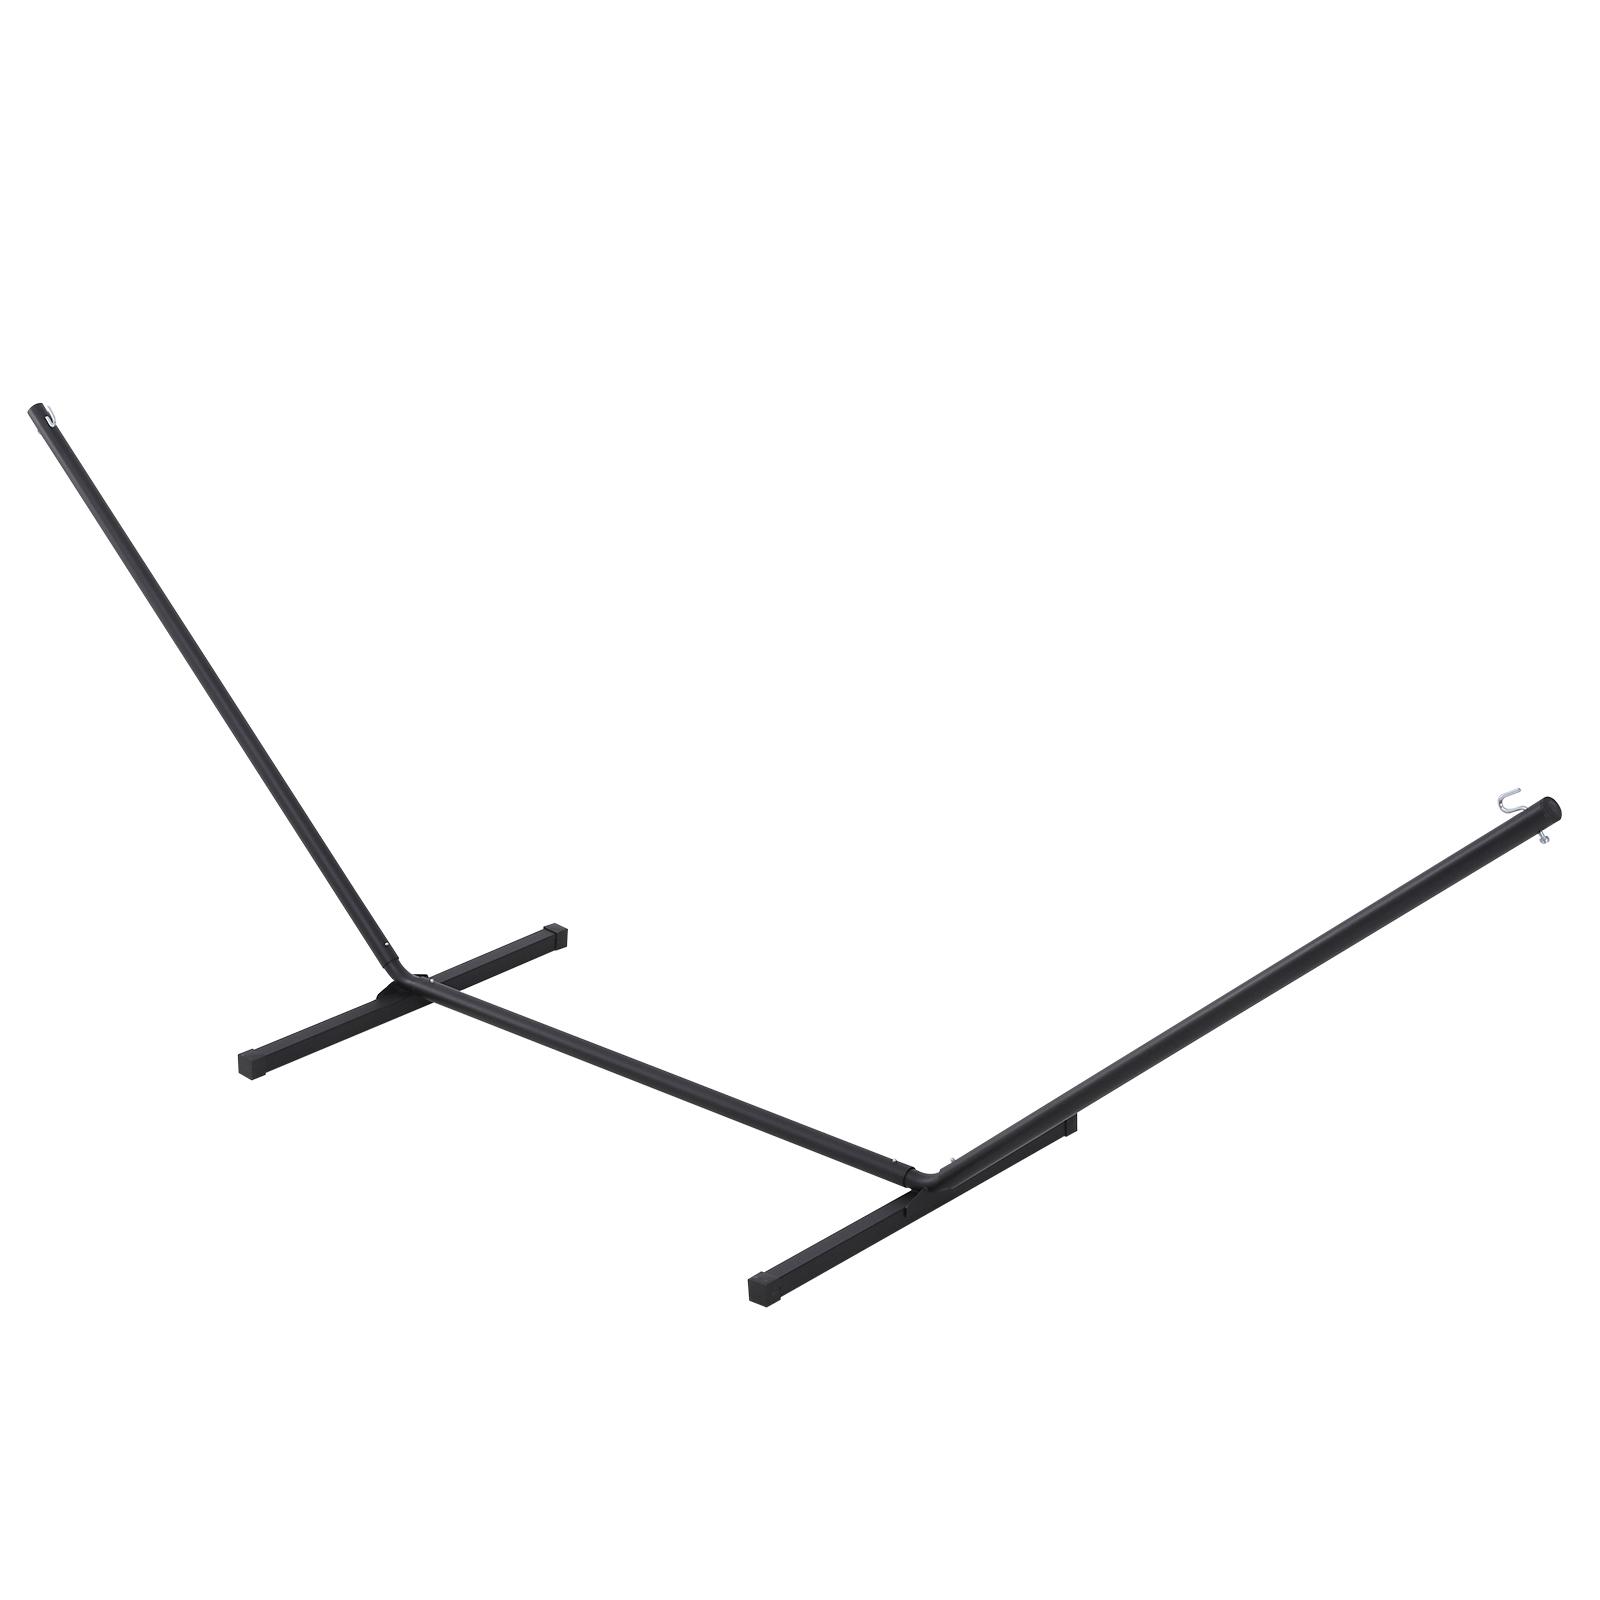 Support pied de hamac structure métal époxy noir